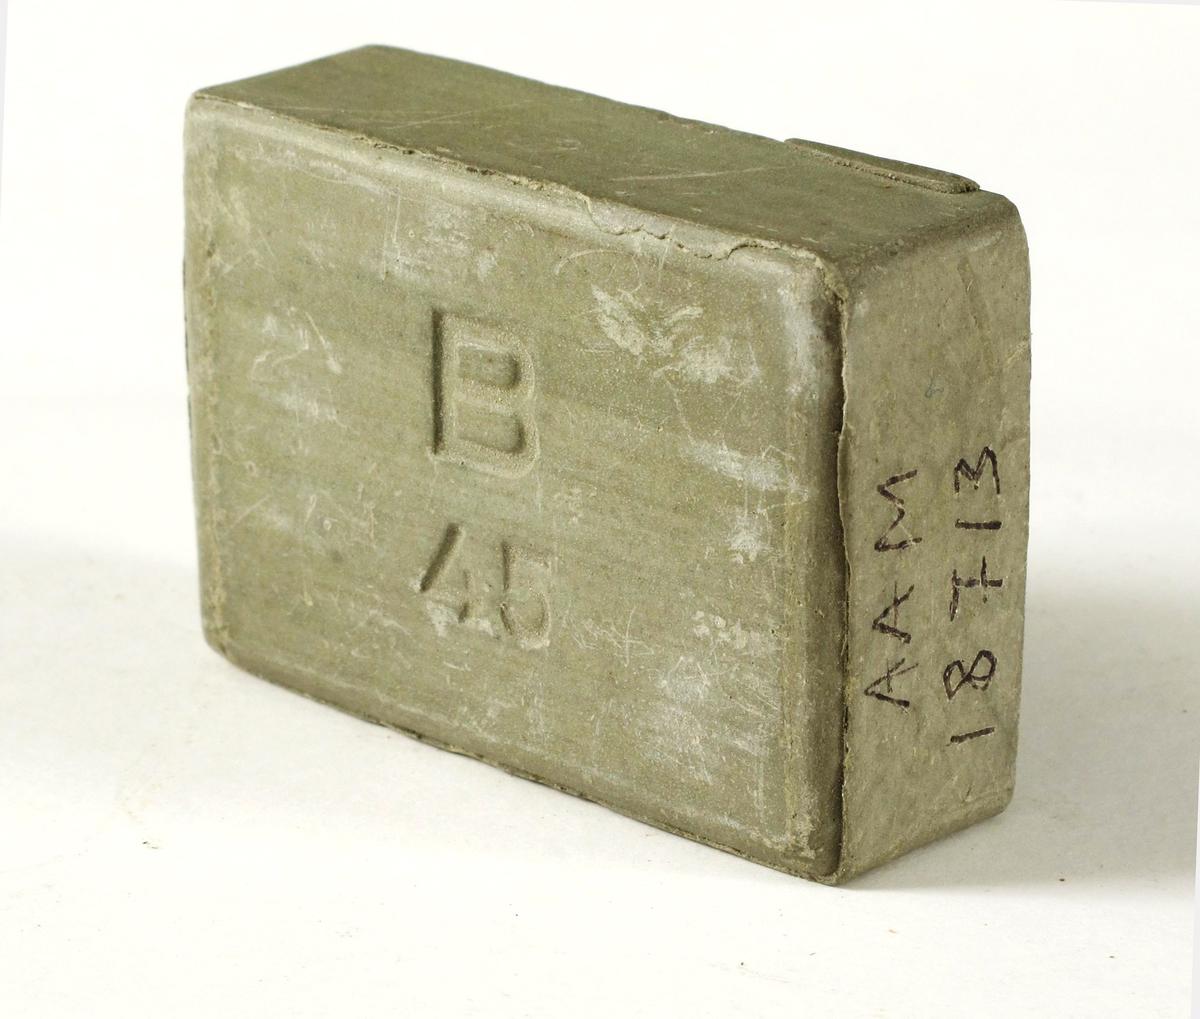 B-såpe,   fra krigen 1940-45 (siste del).  Grågrønn   finkornet  sepe, merket   B 45.   Rette sider,   rektangulær.    Tilstand: ubrukt.